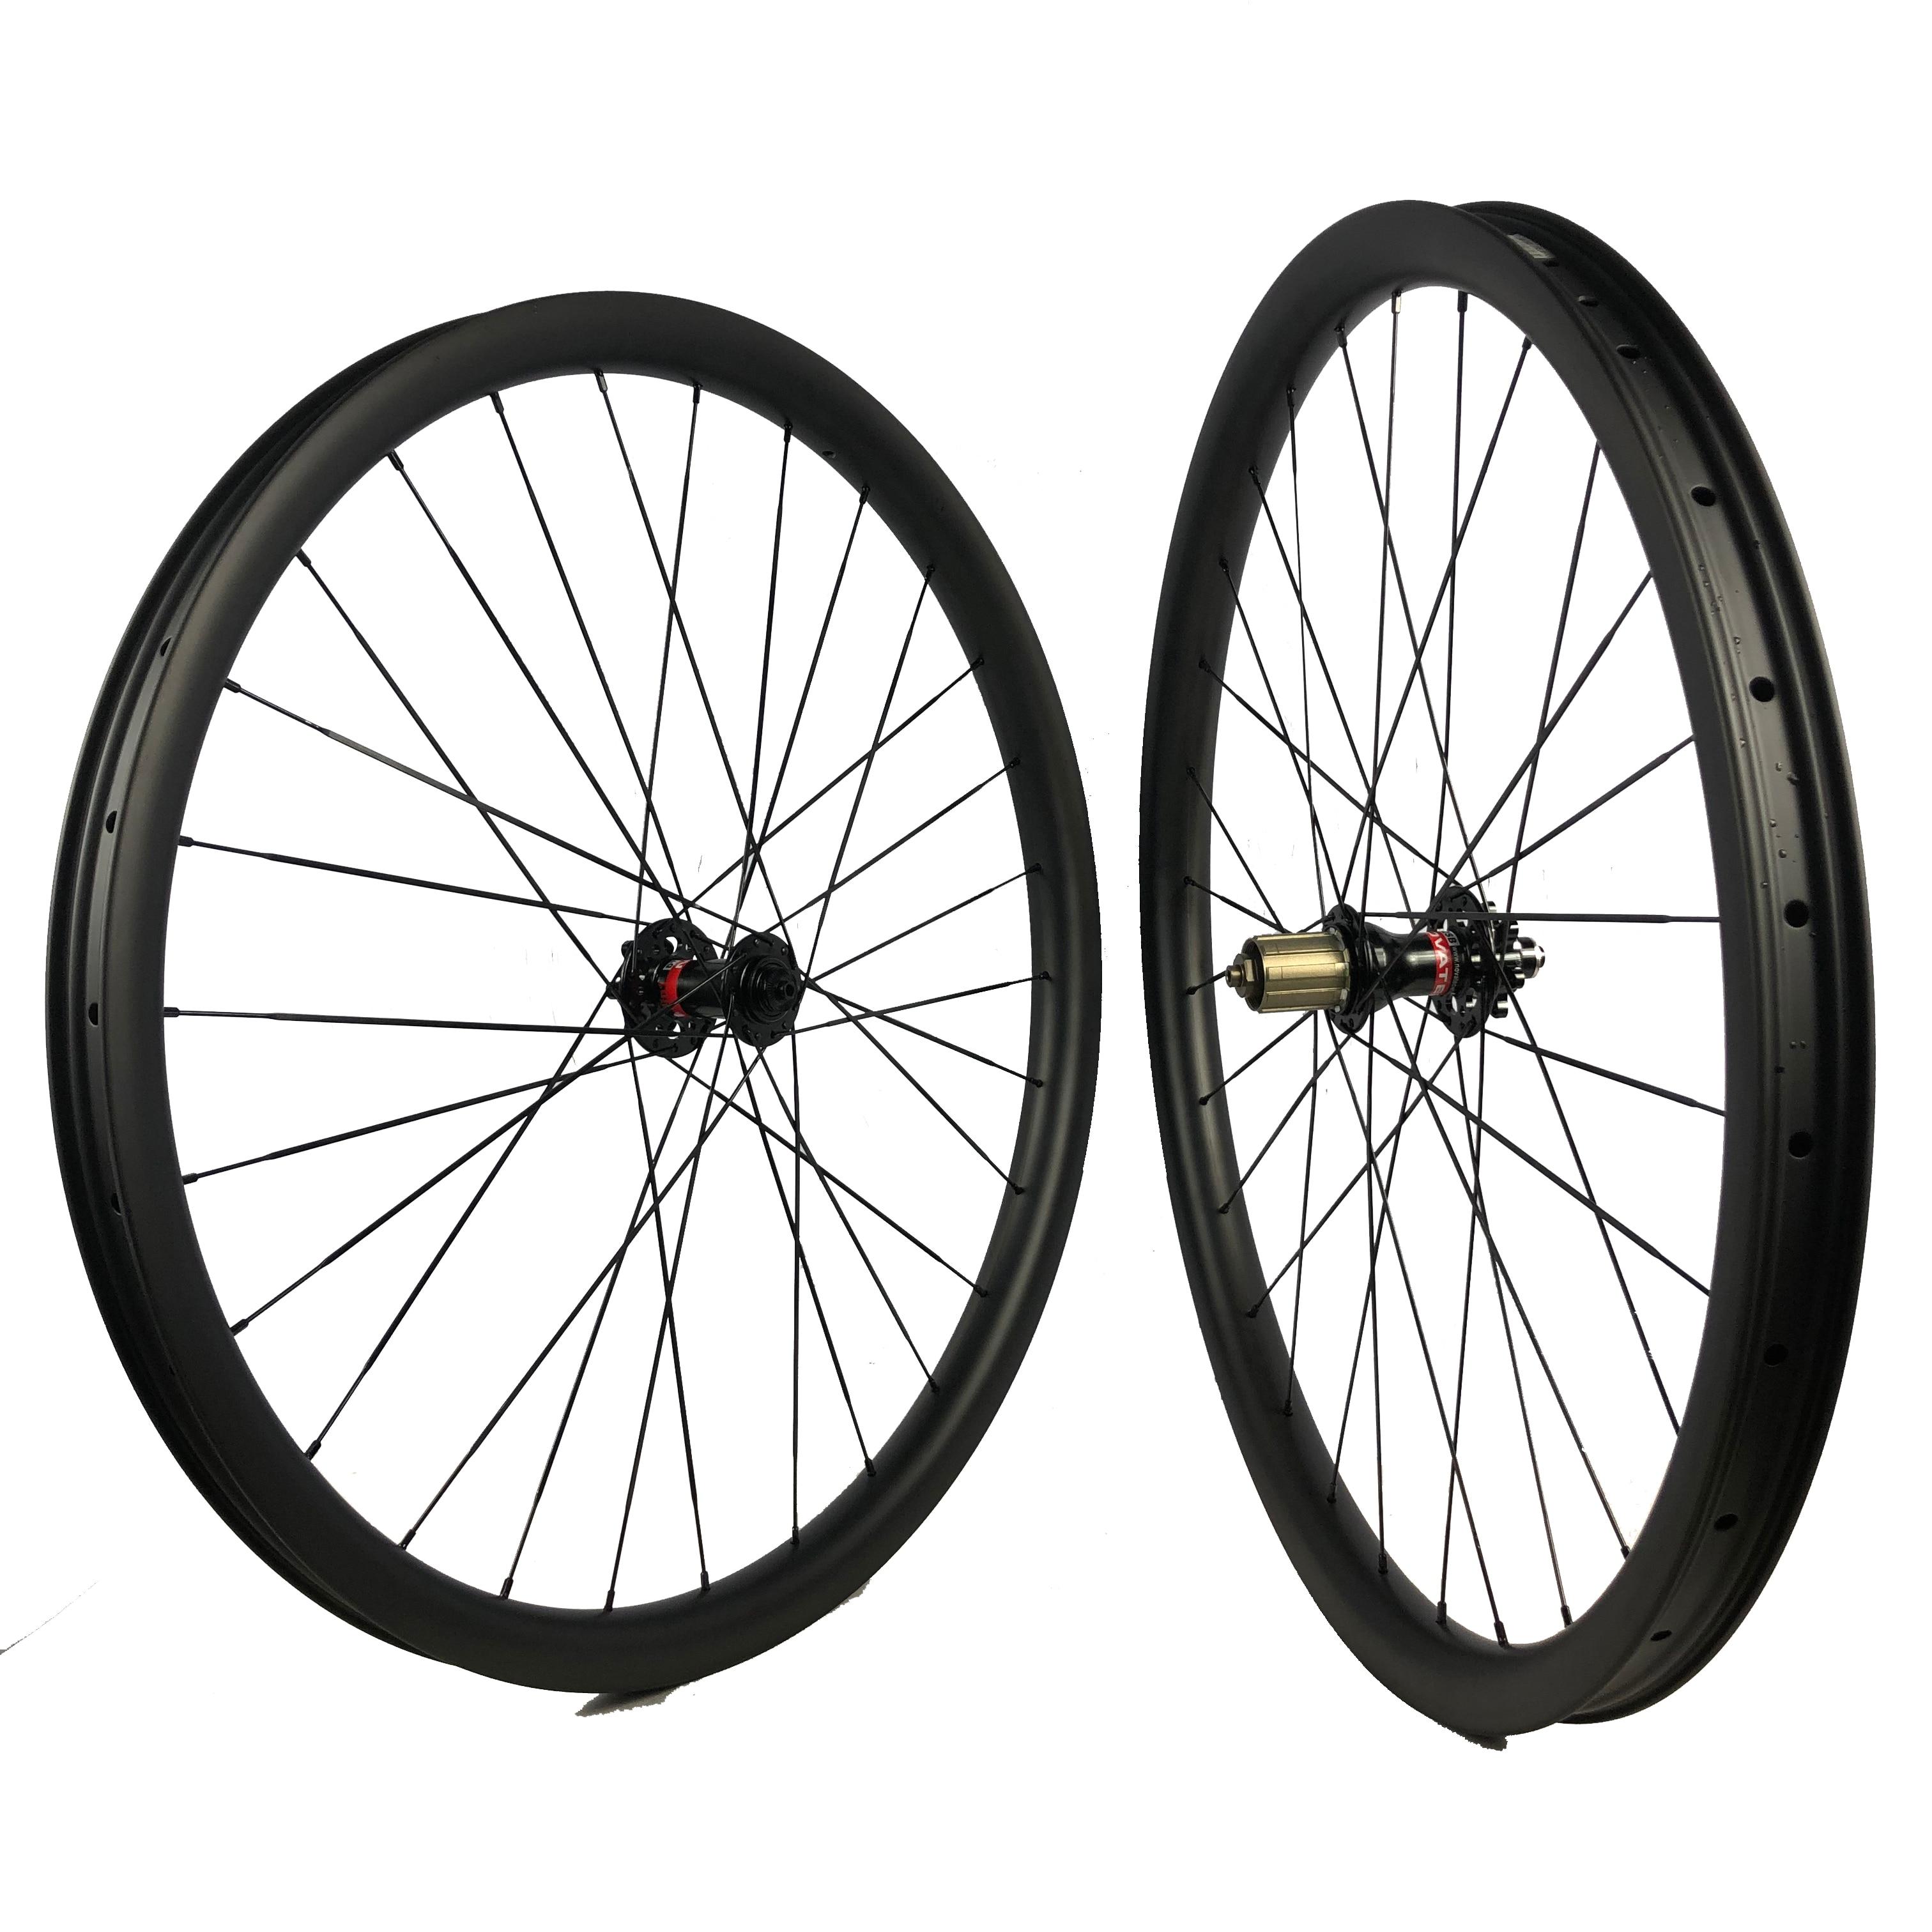 29er rodado MTB hookless descida 40mm de largura da roda de carbono clincher tubeless compatível treck componente bicicleta DH-down hill ciclismo